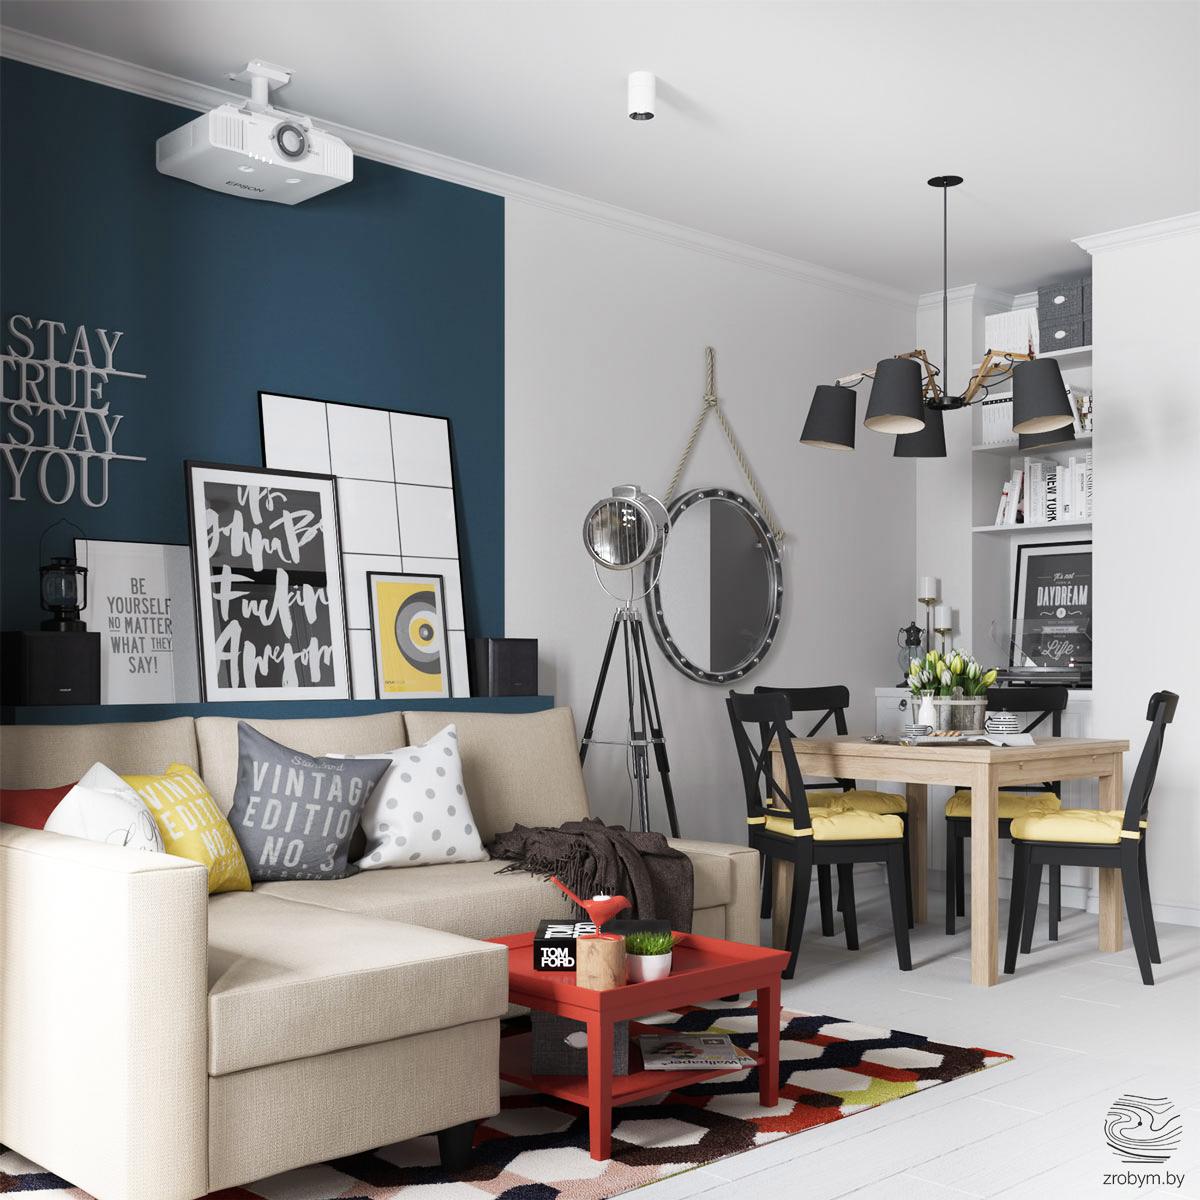 Proiect de amenajare vesel, proaspăt și tineresc pentru un apartament din Minsk, Belarus